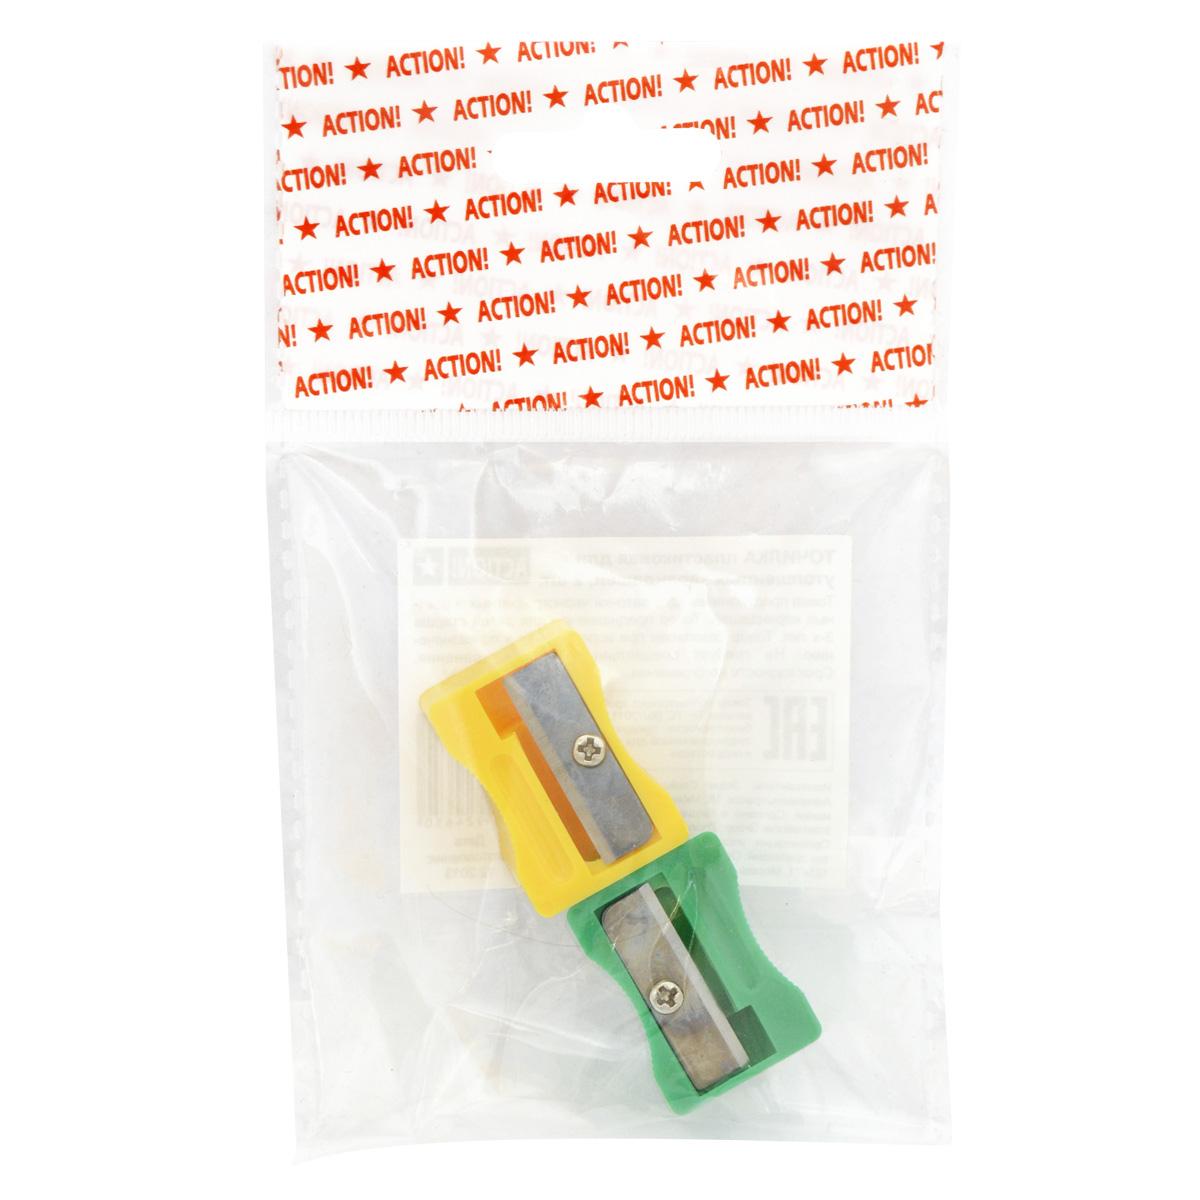 Action! Набор точилок для утолщенных карандашей 2 шт72523WDНабор Action! состоит из двух одинарных точилок без контейнера в ярком пластиковом корпусе для заточки утолщенных карандашей. Каждая точилка с рифленой областью захвата изготовлена из неломающихся, ударопрочных материалов. Высококачественное лезвие позволит использовать такие точилки длительное время.